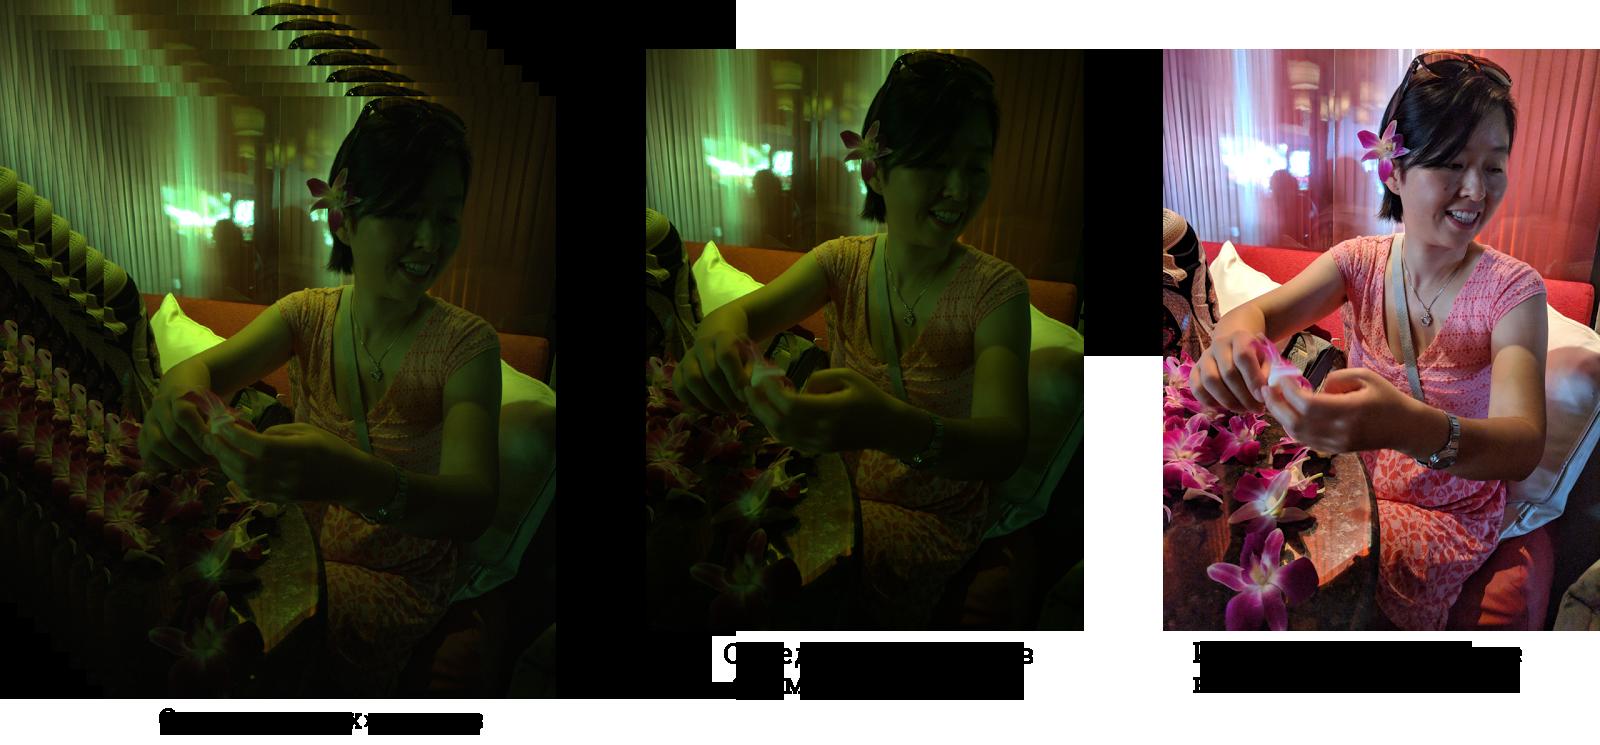 Фото в HDR+: входные данные, промежуточный и итоговый результат обработки